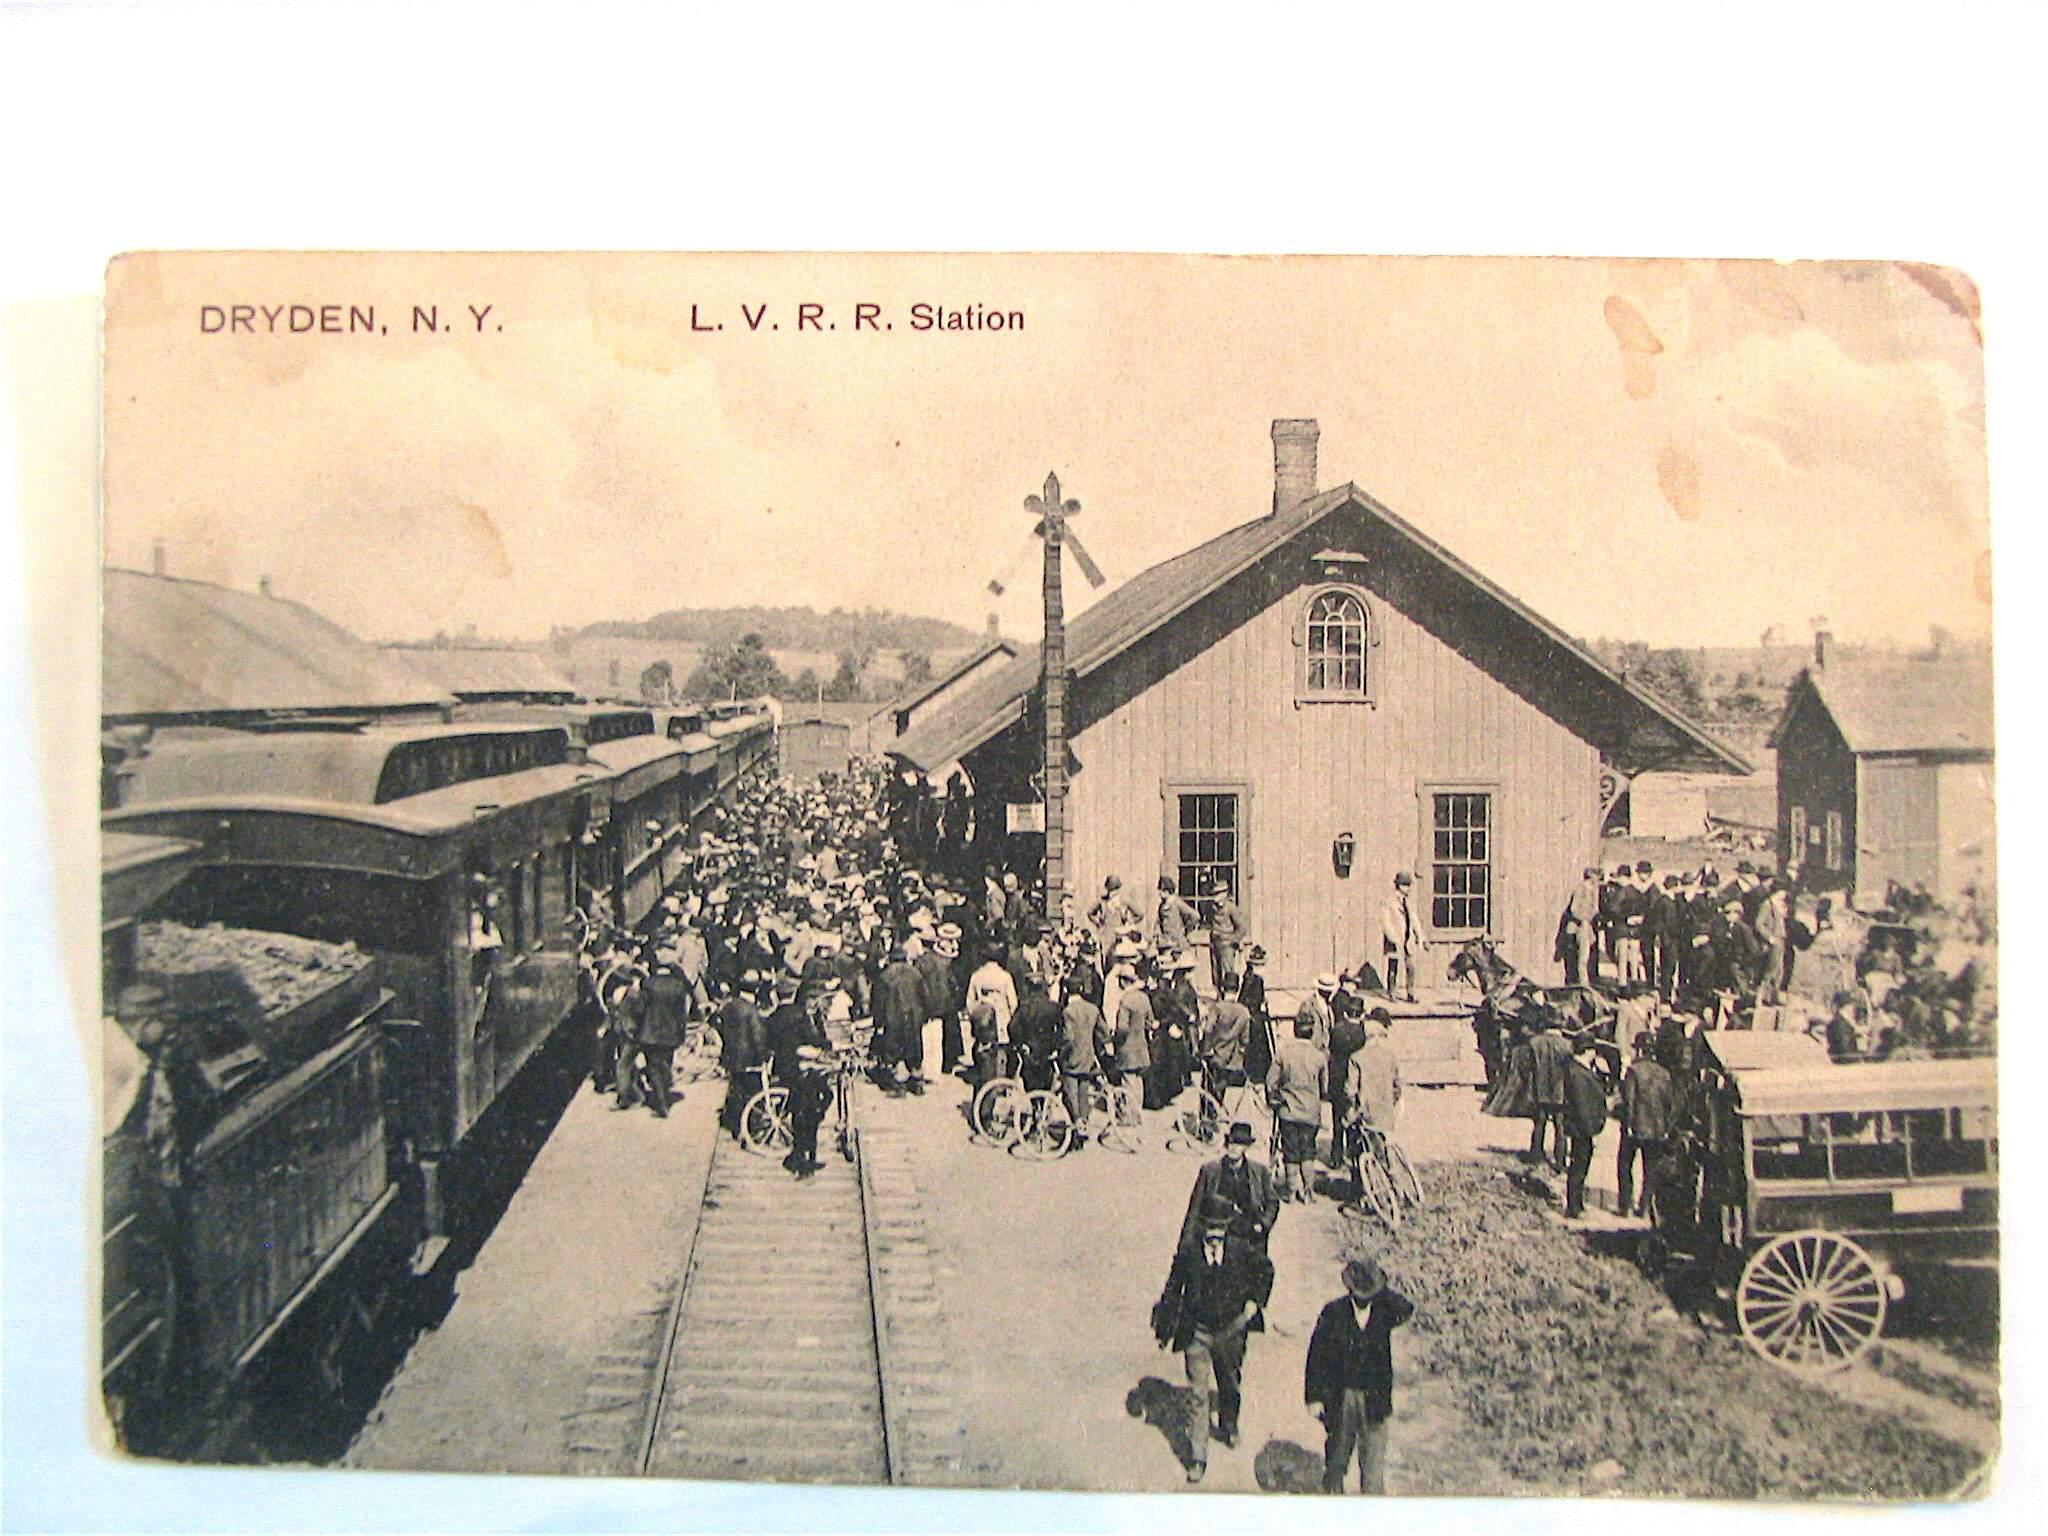 Dryden, N.Y.